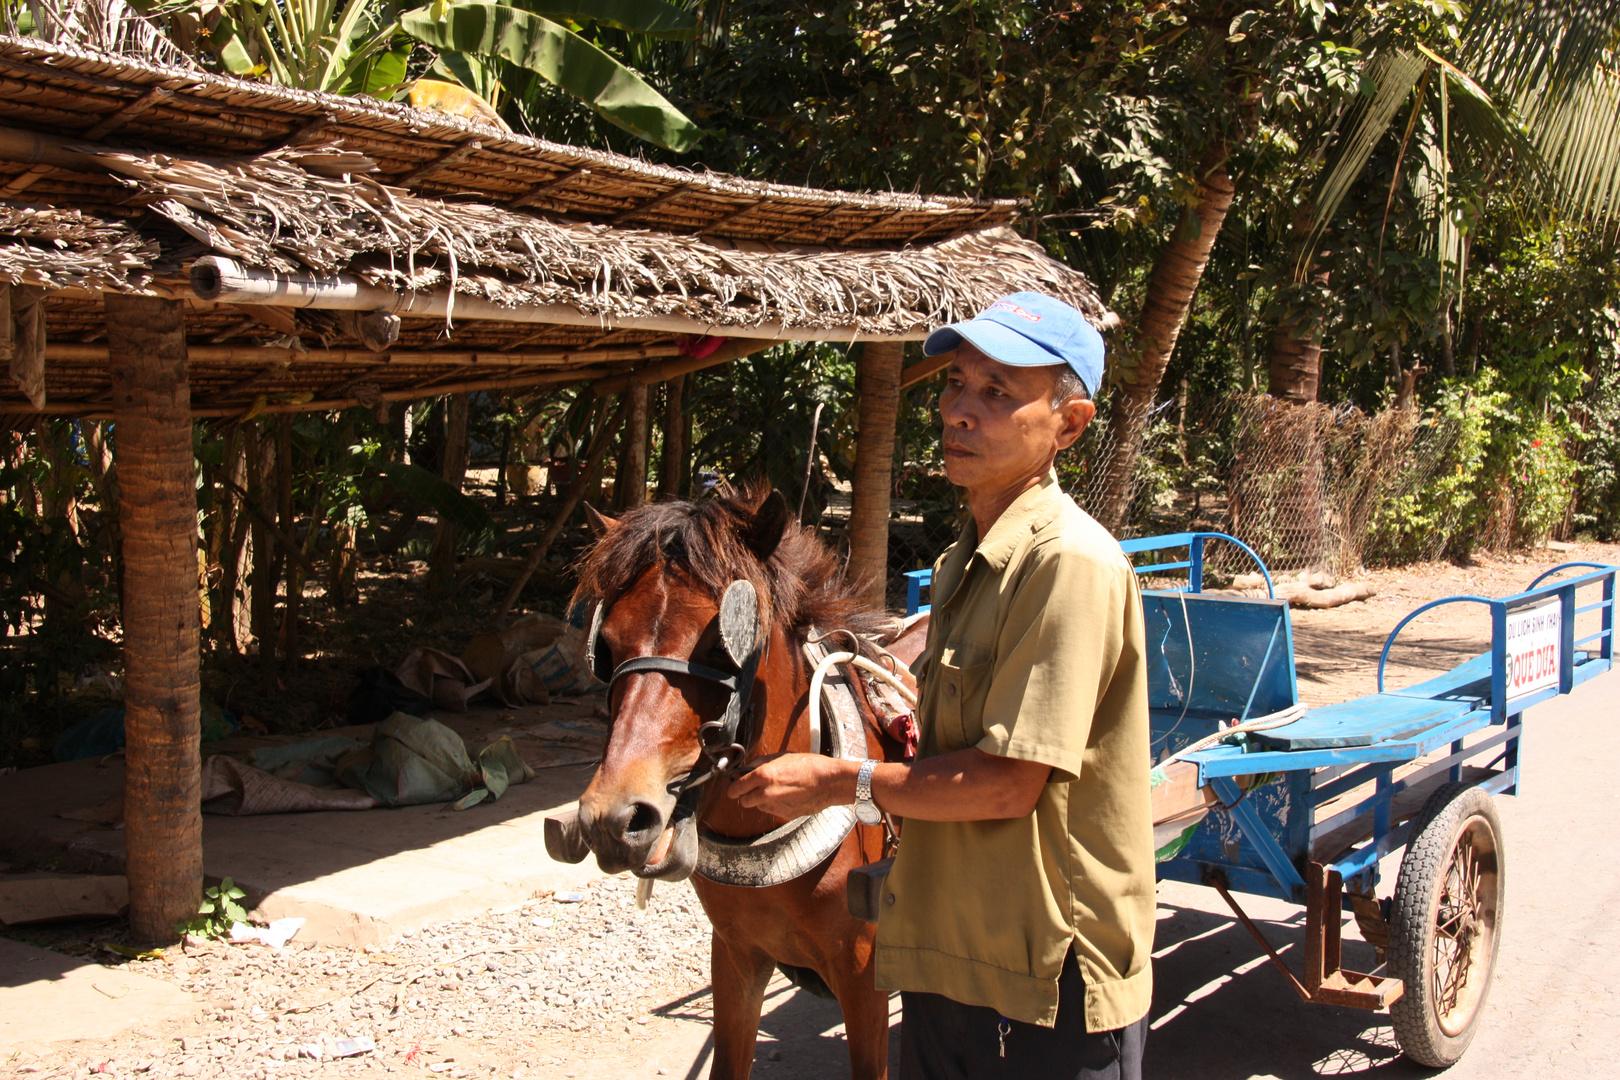 Transportmittel Nr. 2 auf den Inseln im Mekong Delta